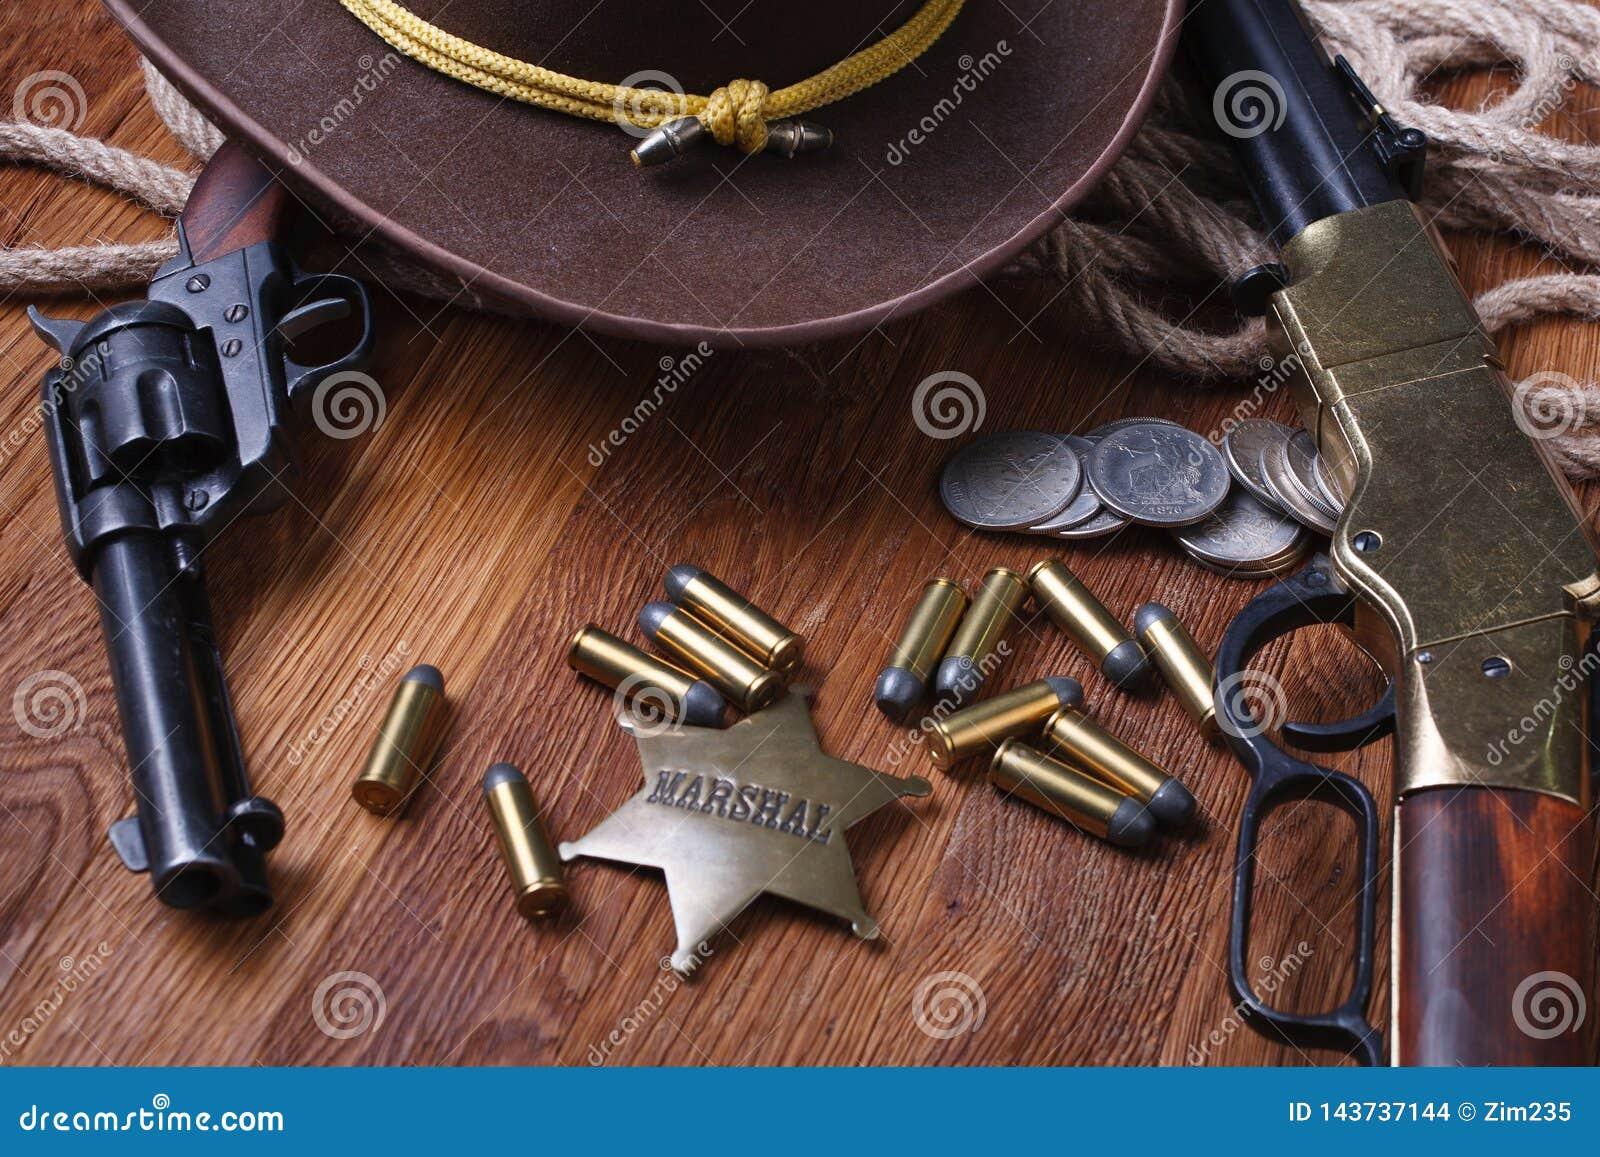 Wild west gun, ammunition and U.S. Marshal Badge